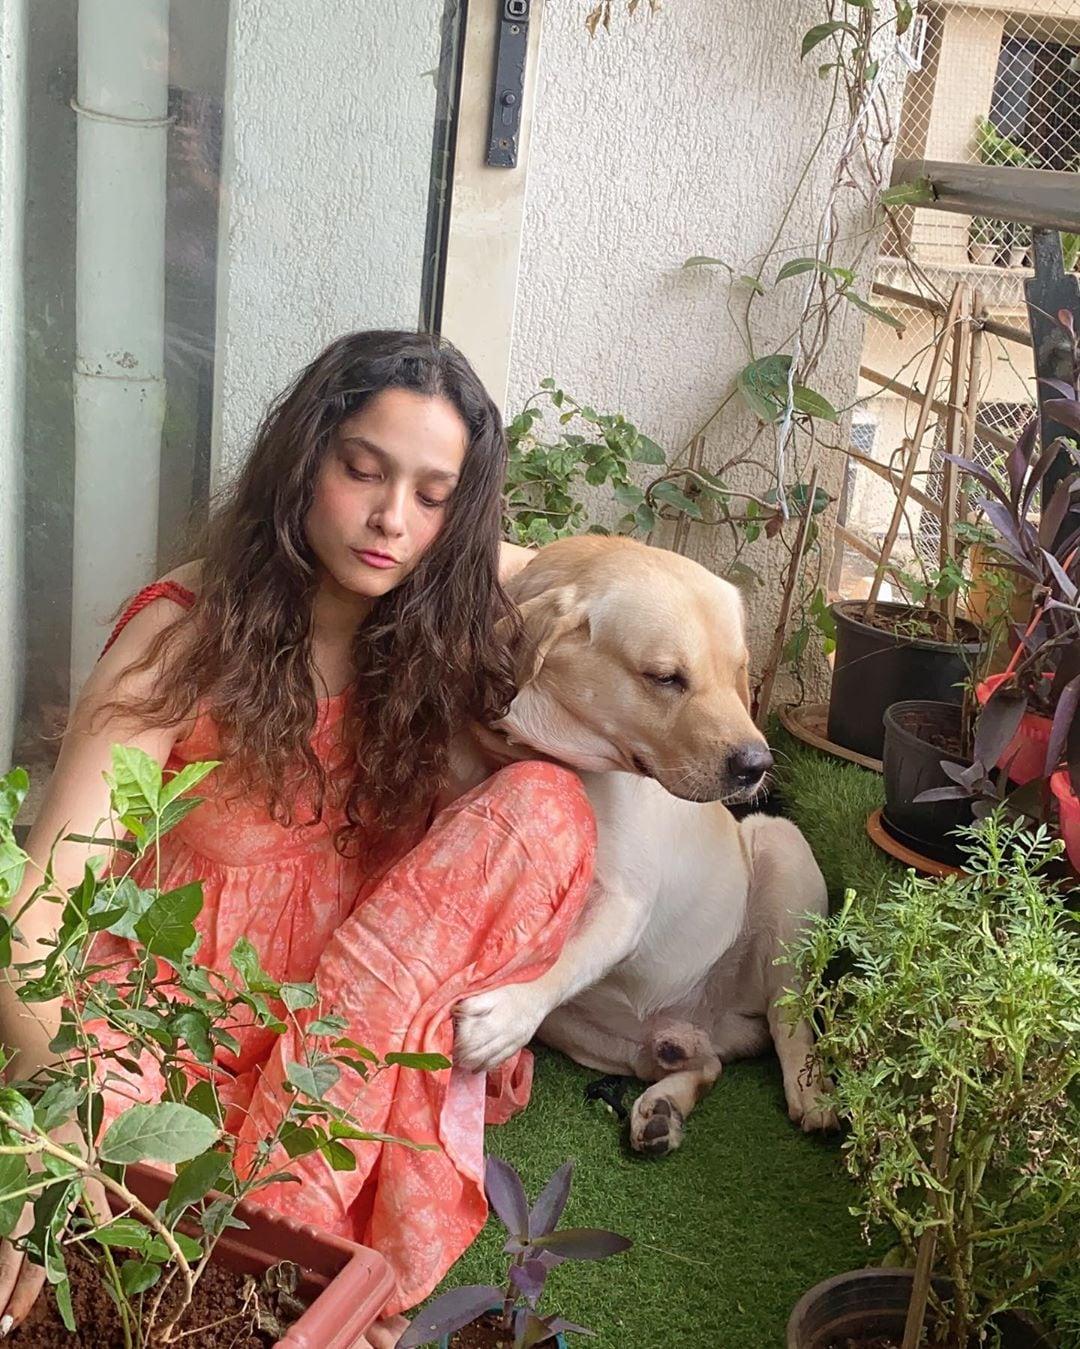 सुशांतच्या मृत्यूला इतके महिने लोटल्यानंतरही अंकिता सुशांच्या मृत्यूच्या दु:खातून बाहेर पडली नसल्याचे तिचे सोशल मीडियावरील पोस्टमधून दिसून येत आहे.